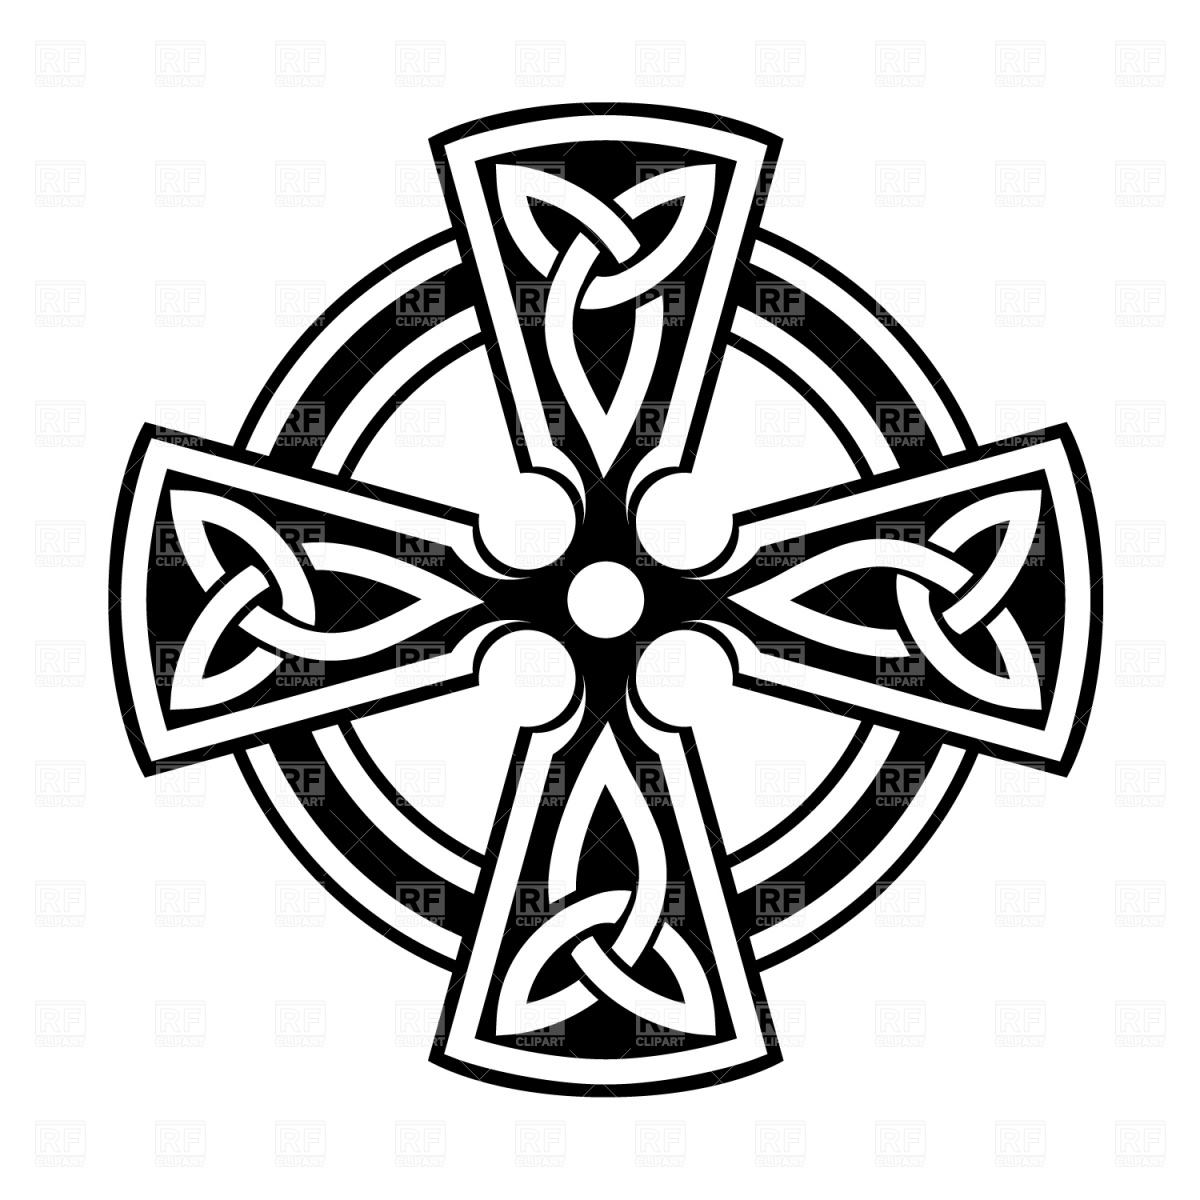 Celtic Symbols Clipart - Clipart Kid